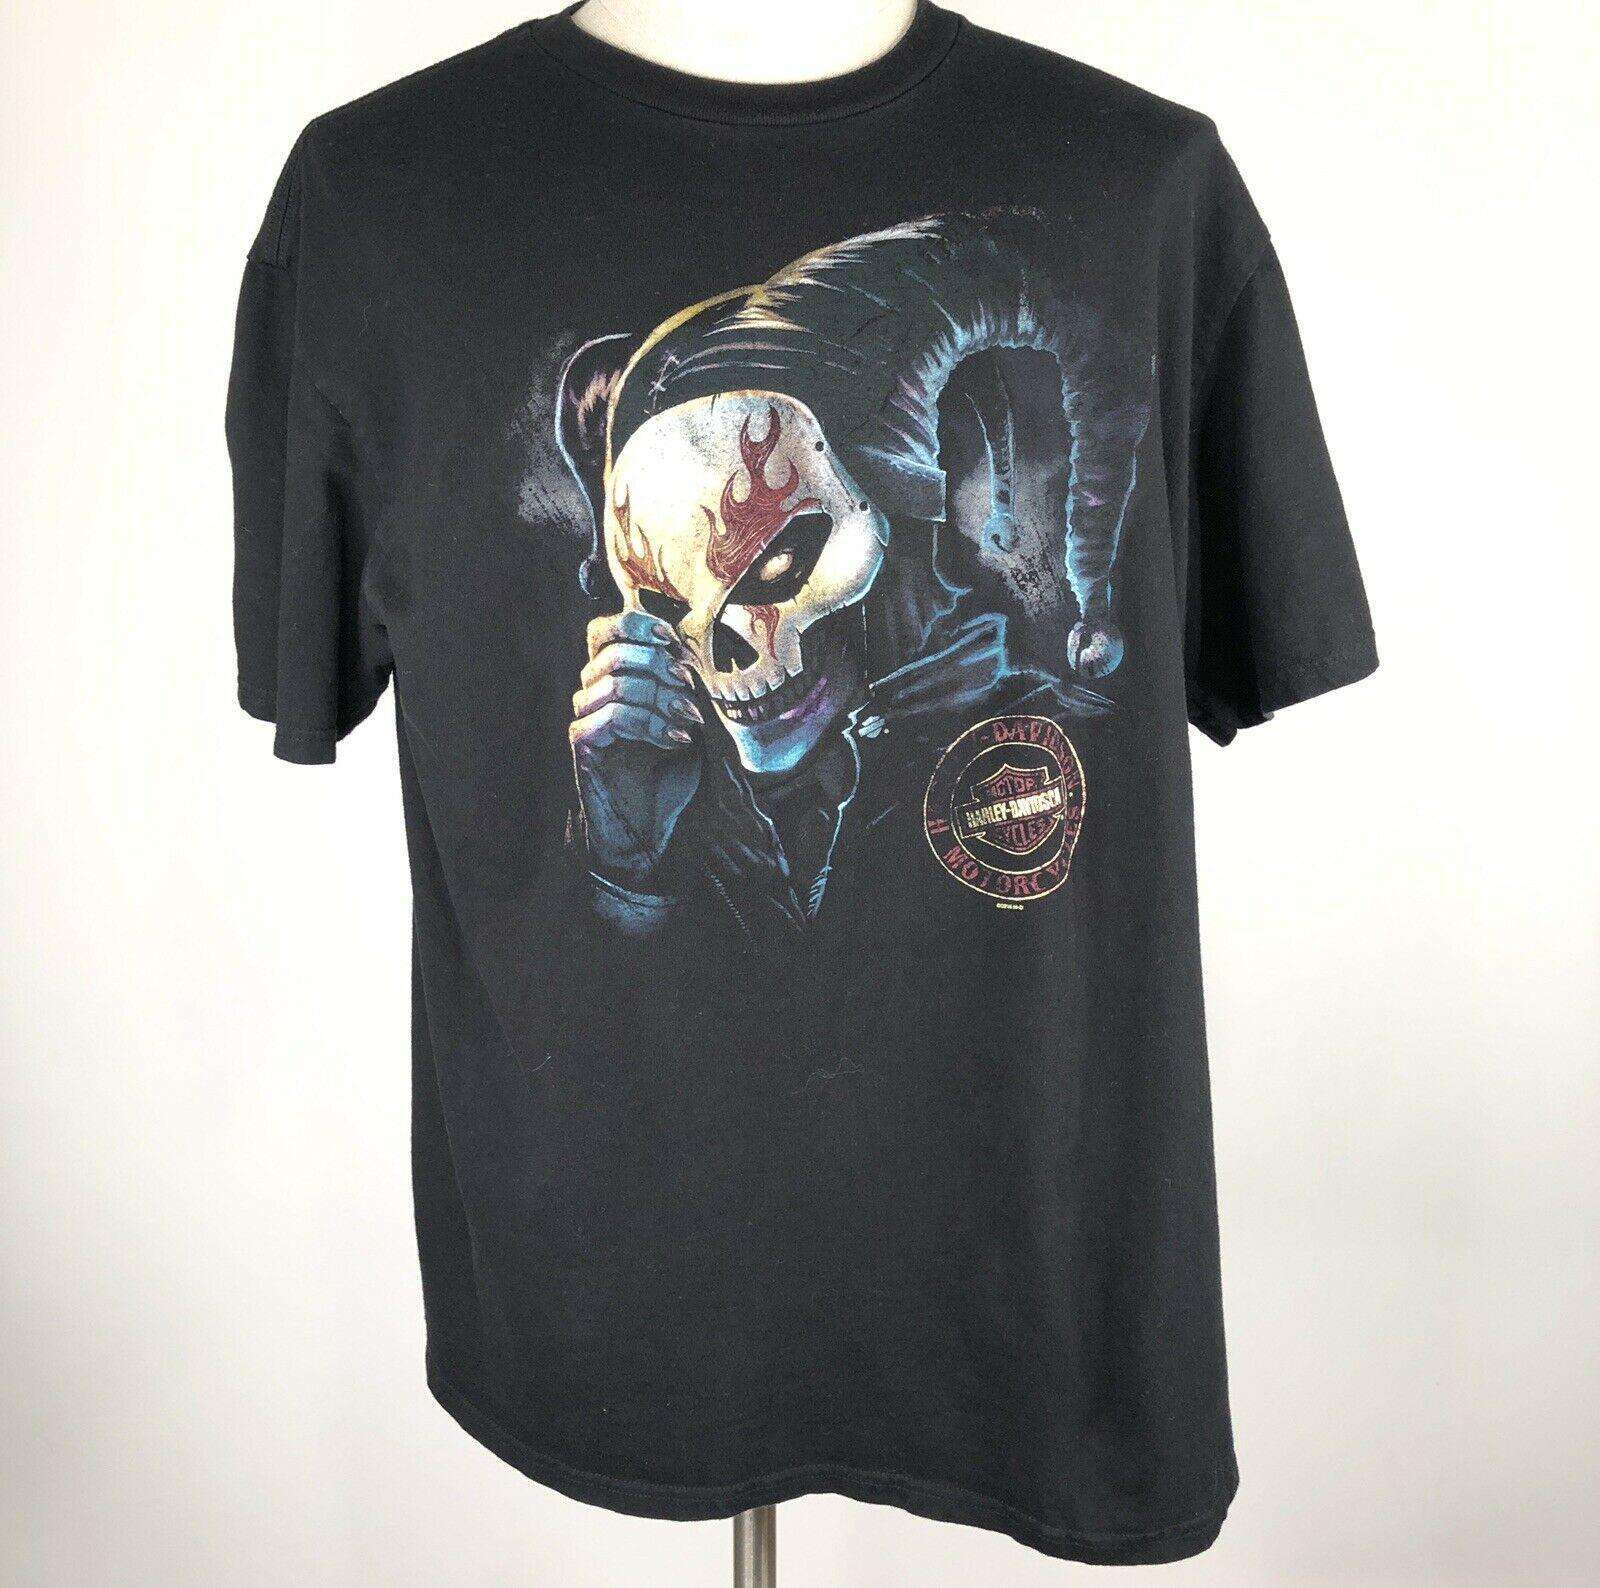 Harley Davidson T Shirt Skeleton Clown Size XL Sturgis MI Black Motorcycle image 3